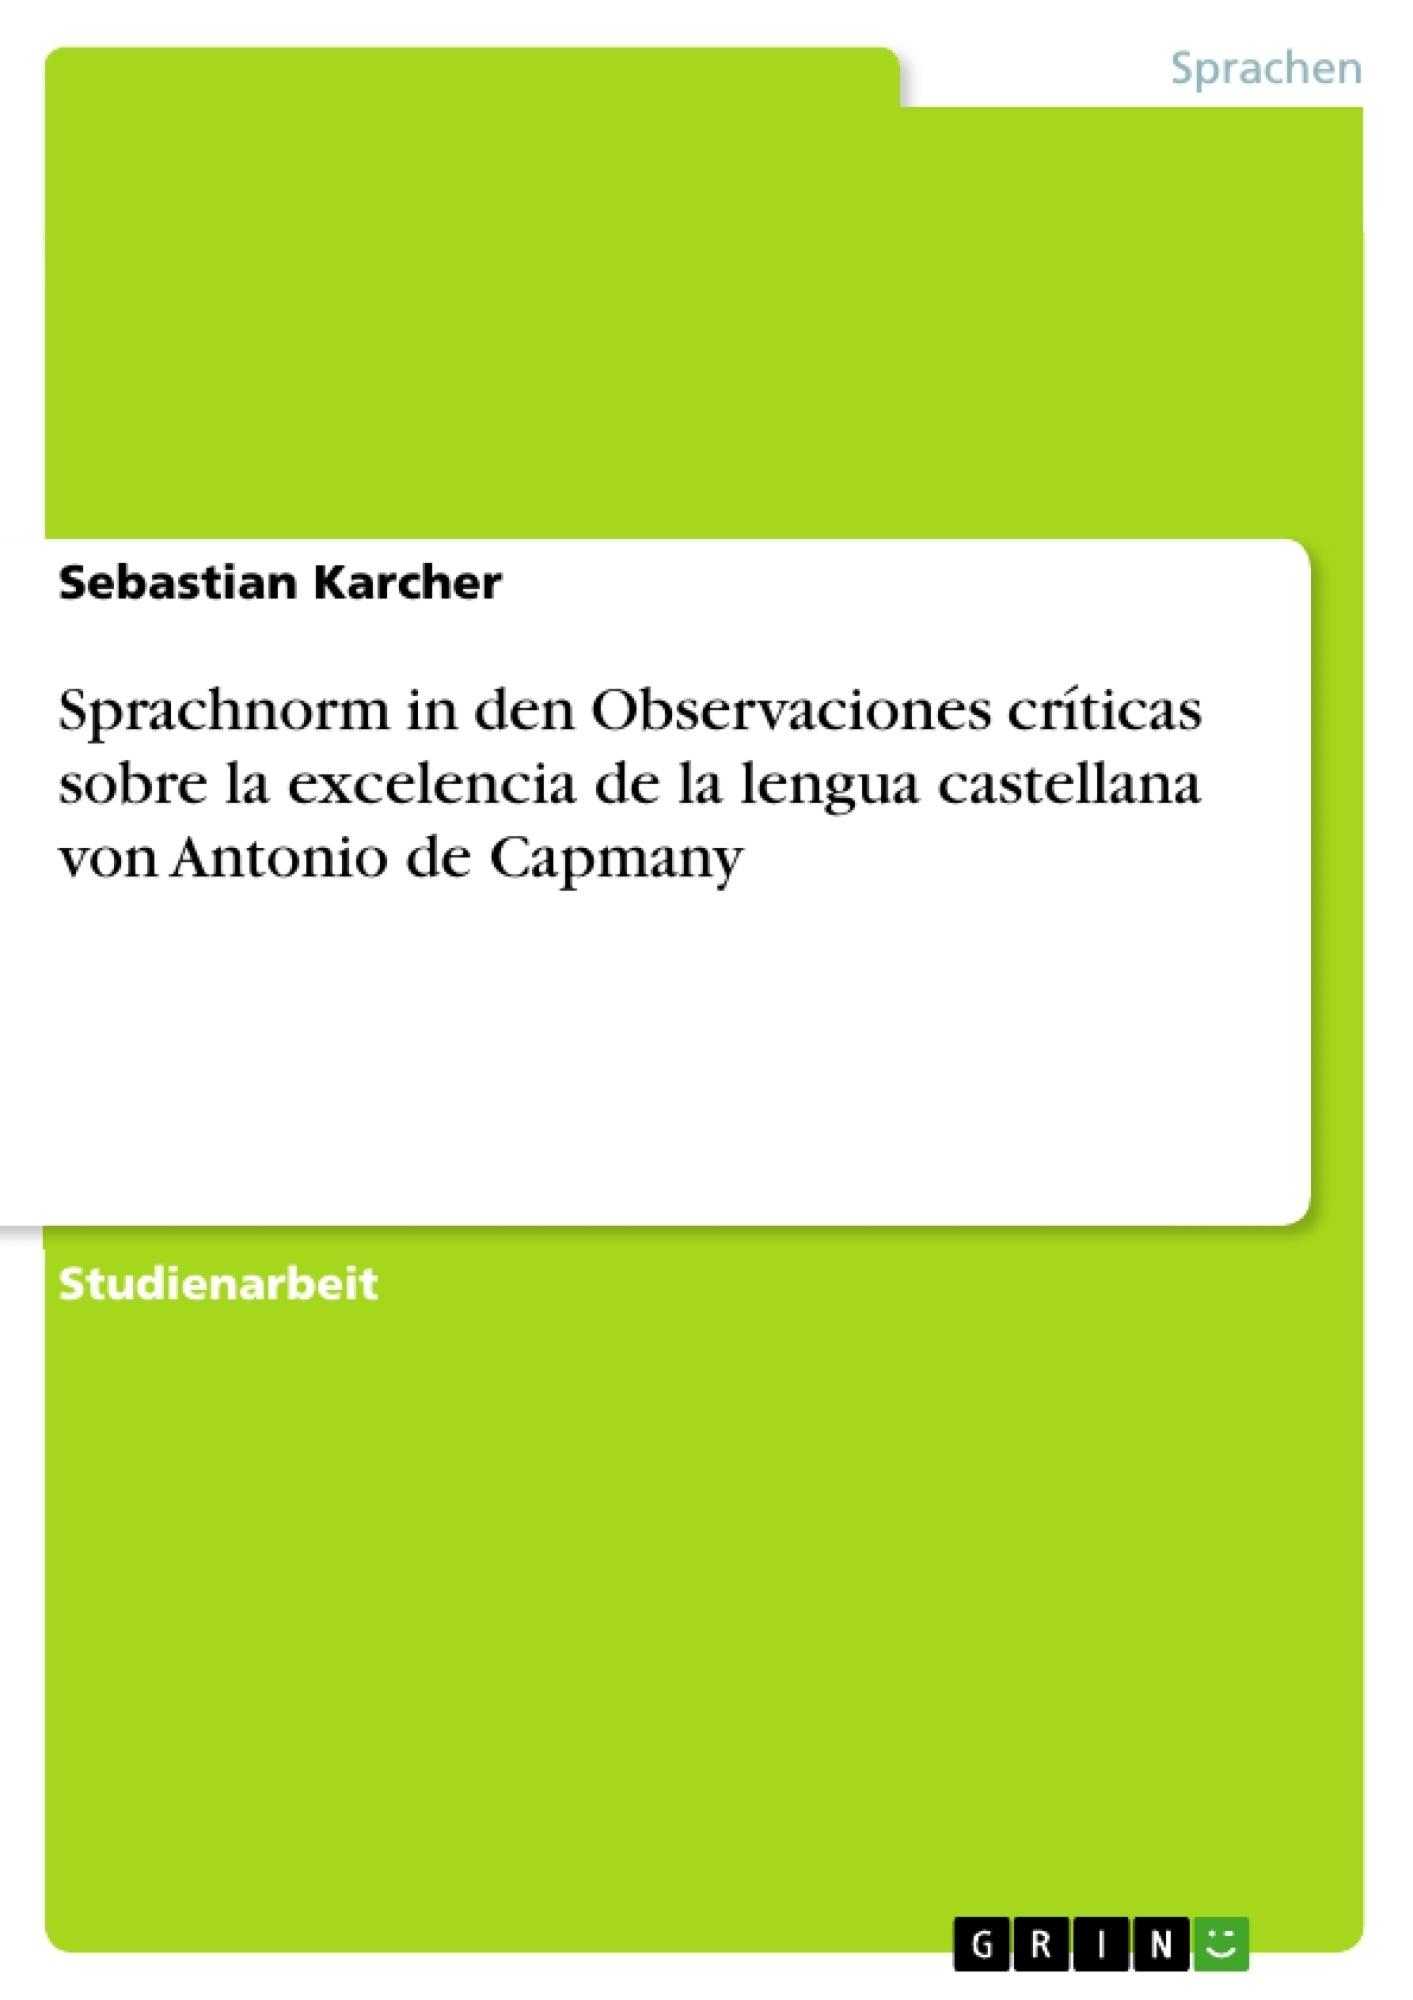 Titel: Sprachnorm in den Observaciones críticas sobre la excelencia de la lengua castellana von Antonio de Capmany